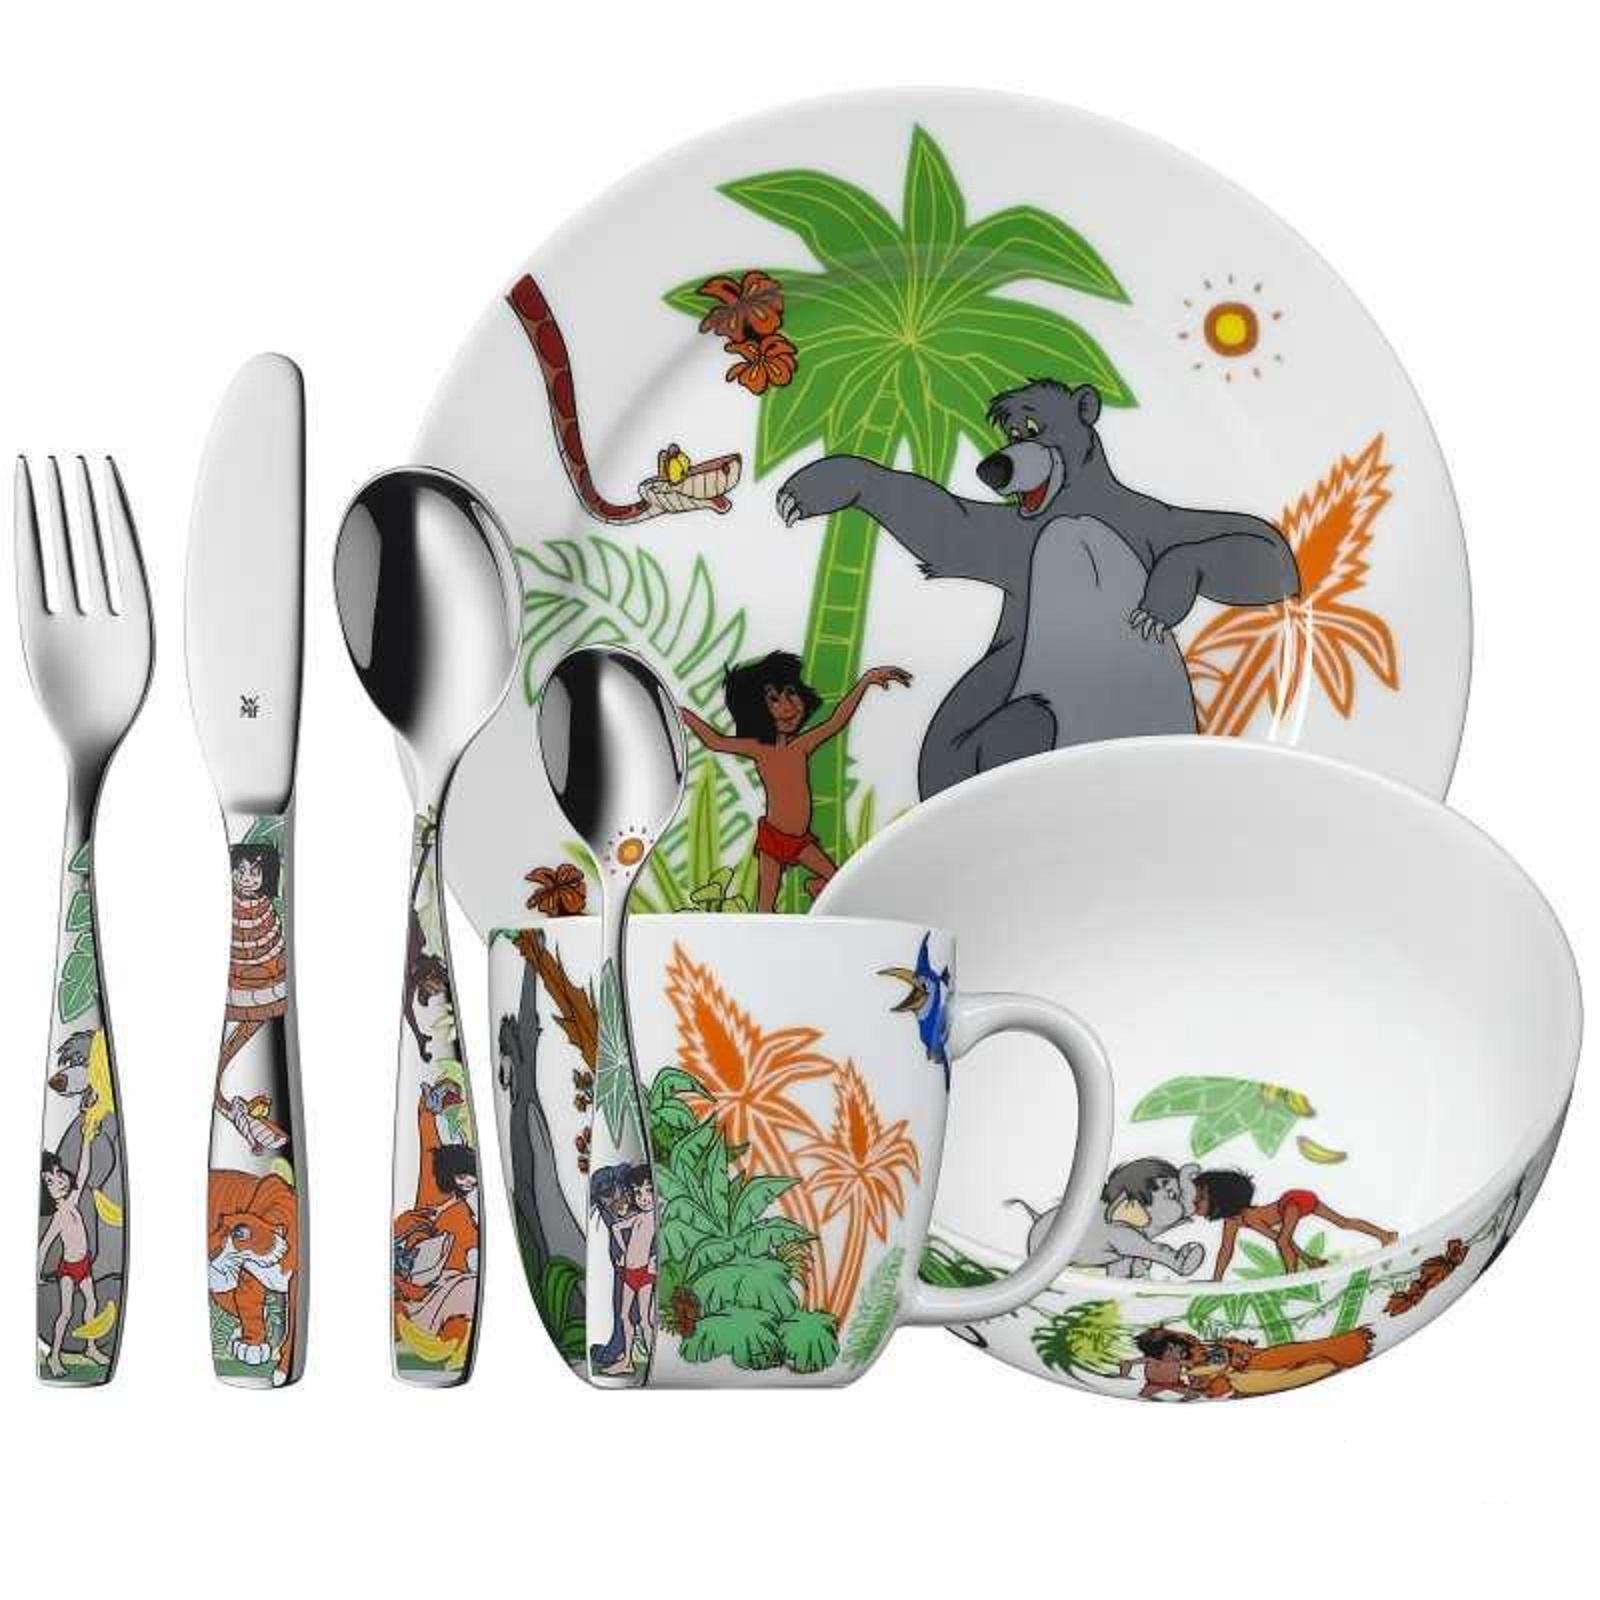 """Набор столовый детский """"Маугли"""" WMF Jungle Book, разноцветный, 7 предметов WMF 12 8330 9974 фото 0"""